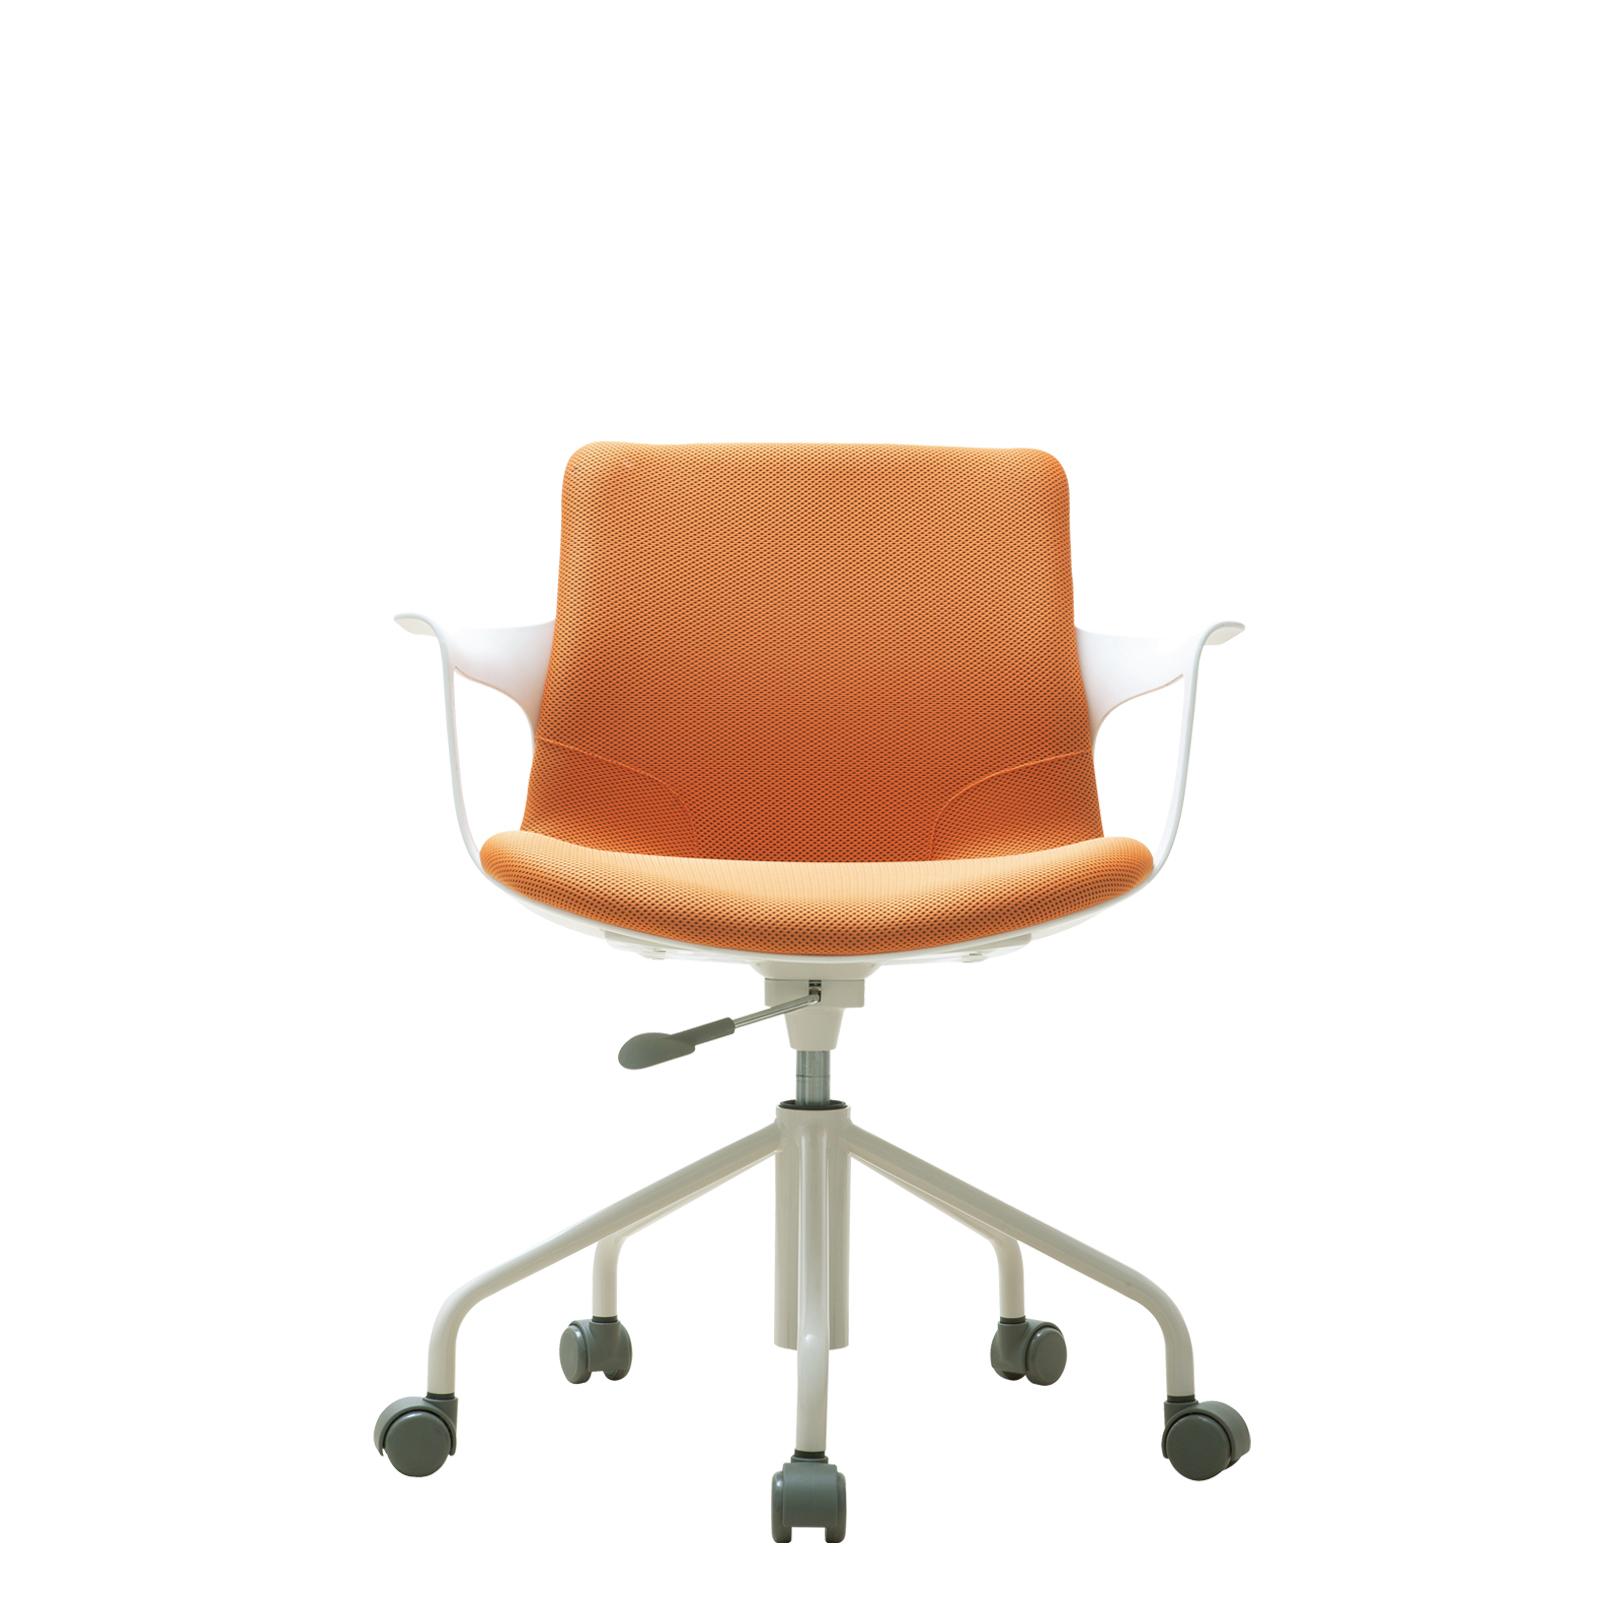 시디즈 EGA 인테리어의자 T603FW, 오렌지